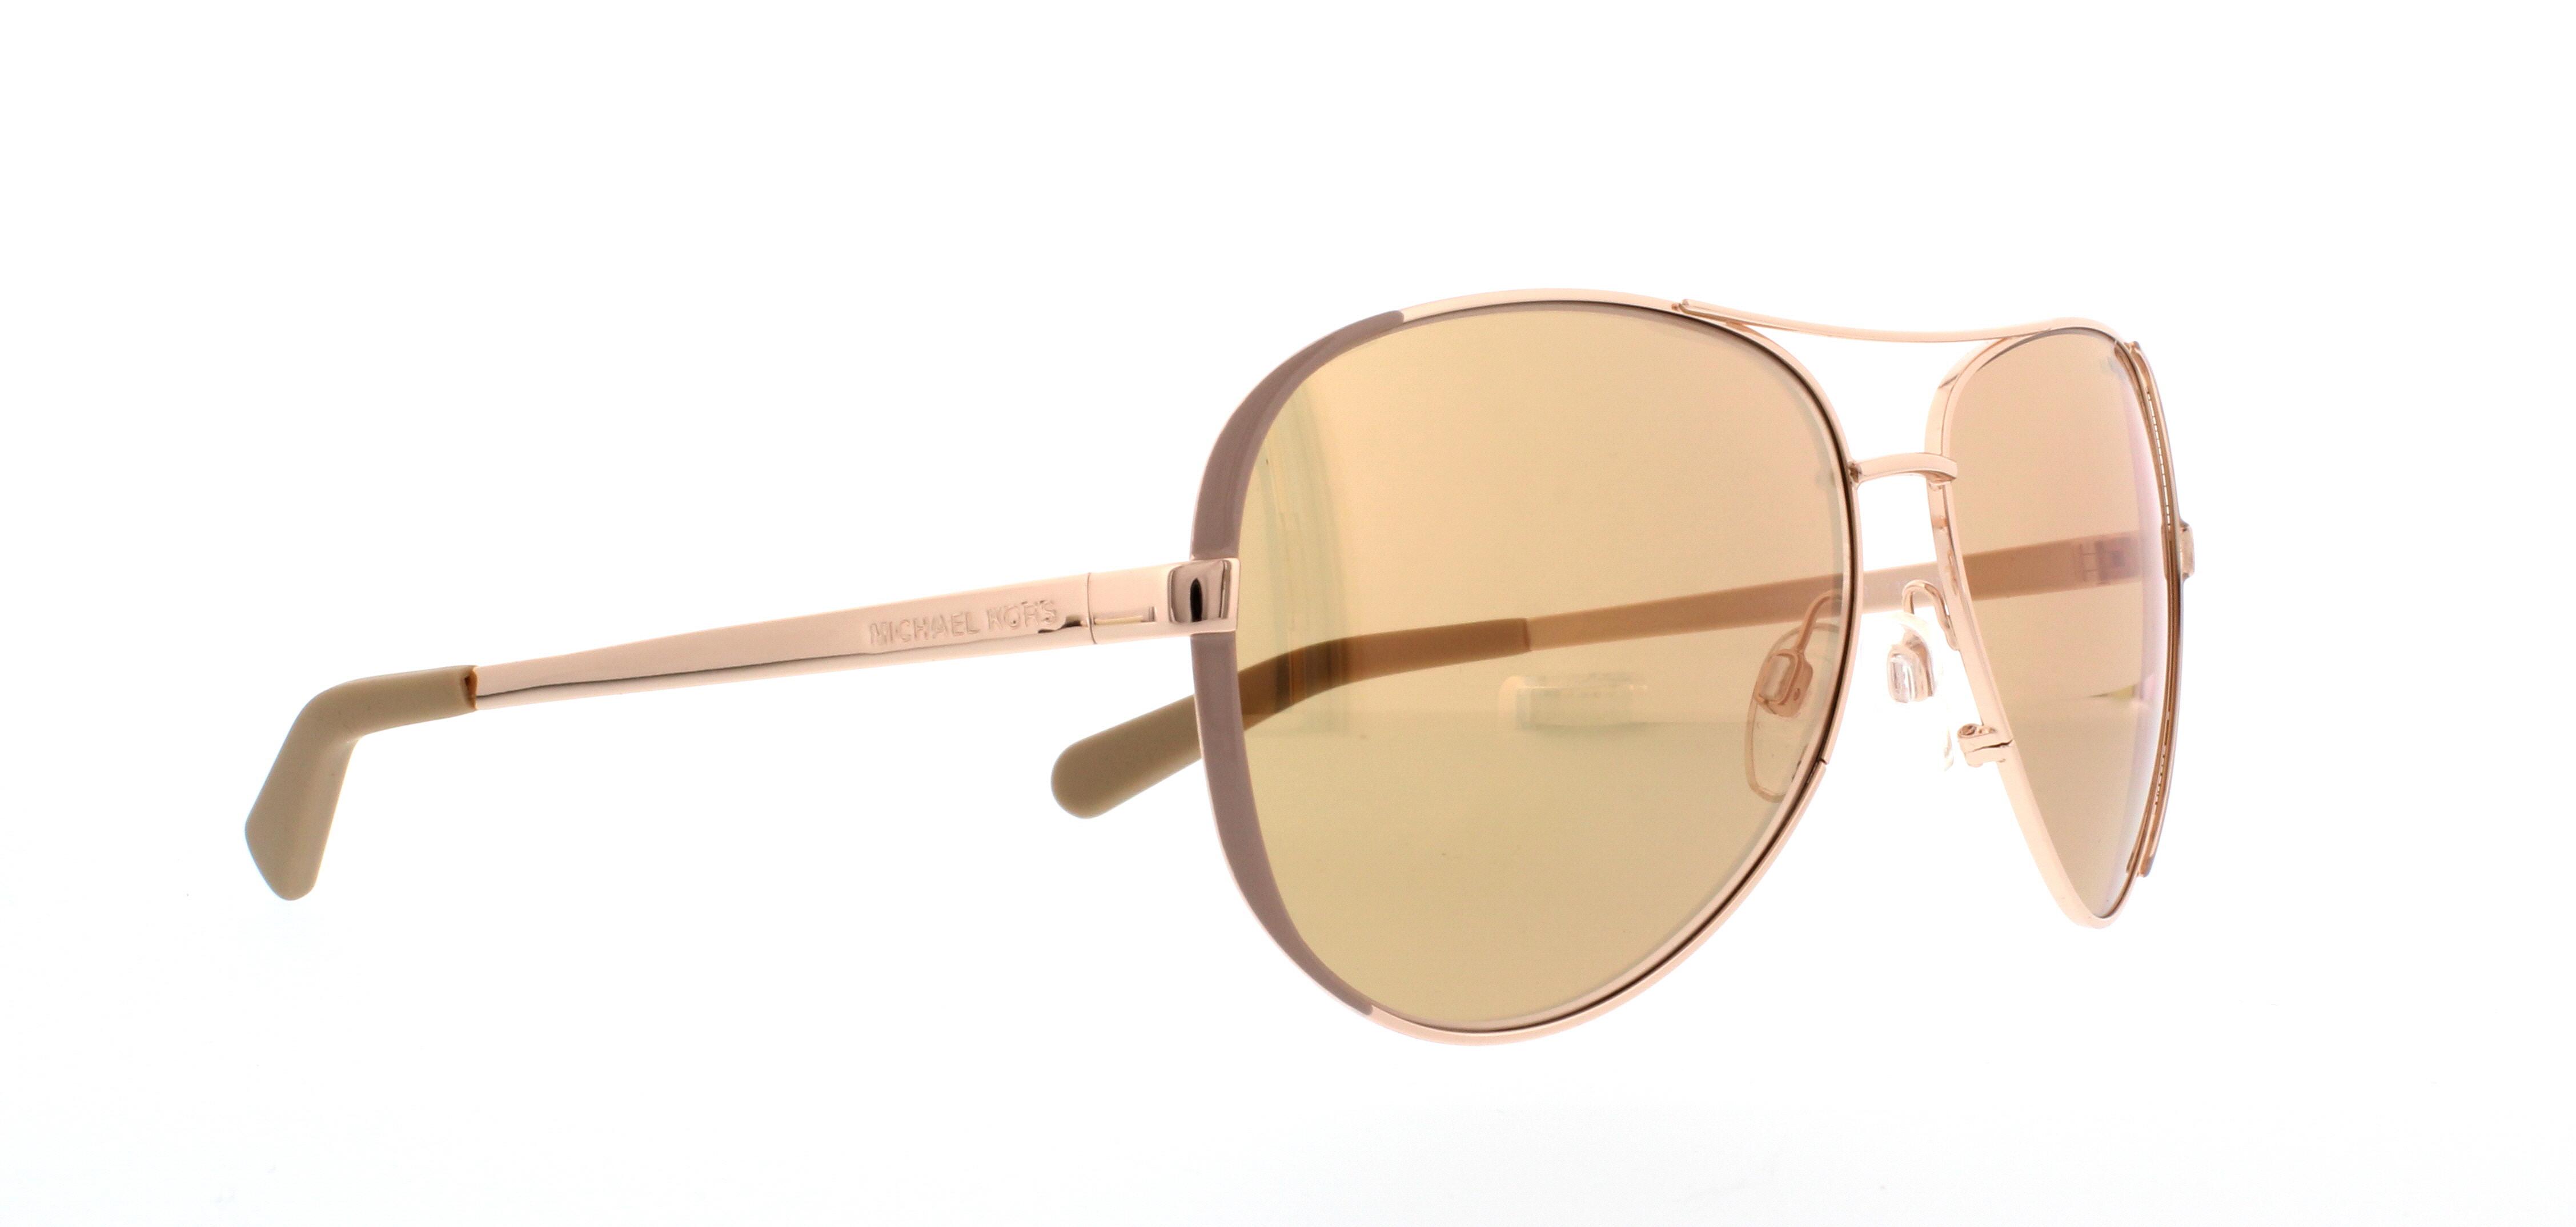 Michael Kors Chelsea Sonnenbrille Gold und Beige 1017R1 59mm y5ENhwM6E